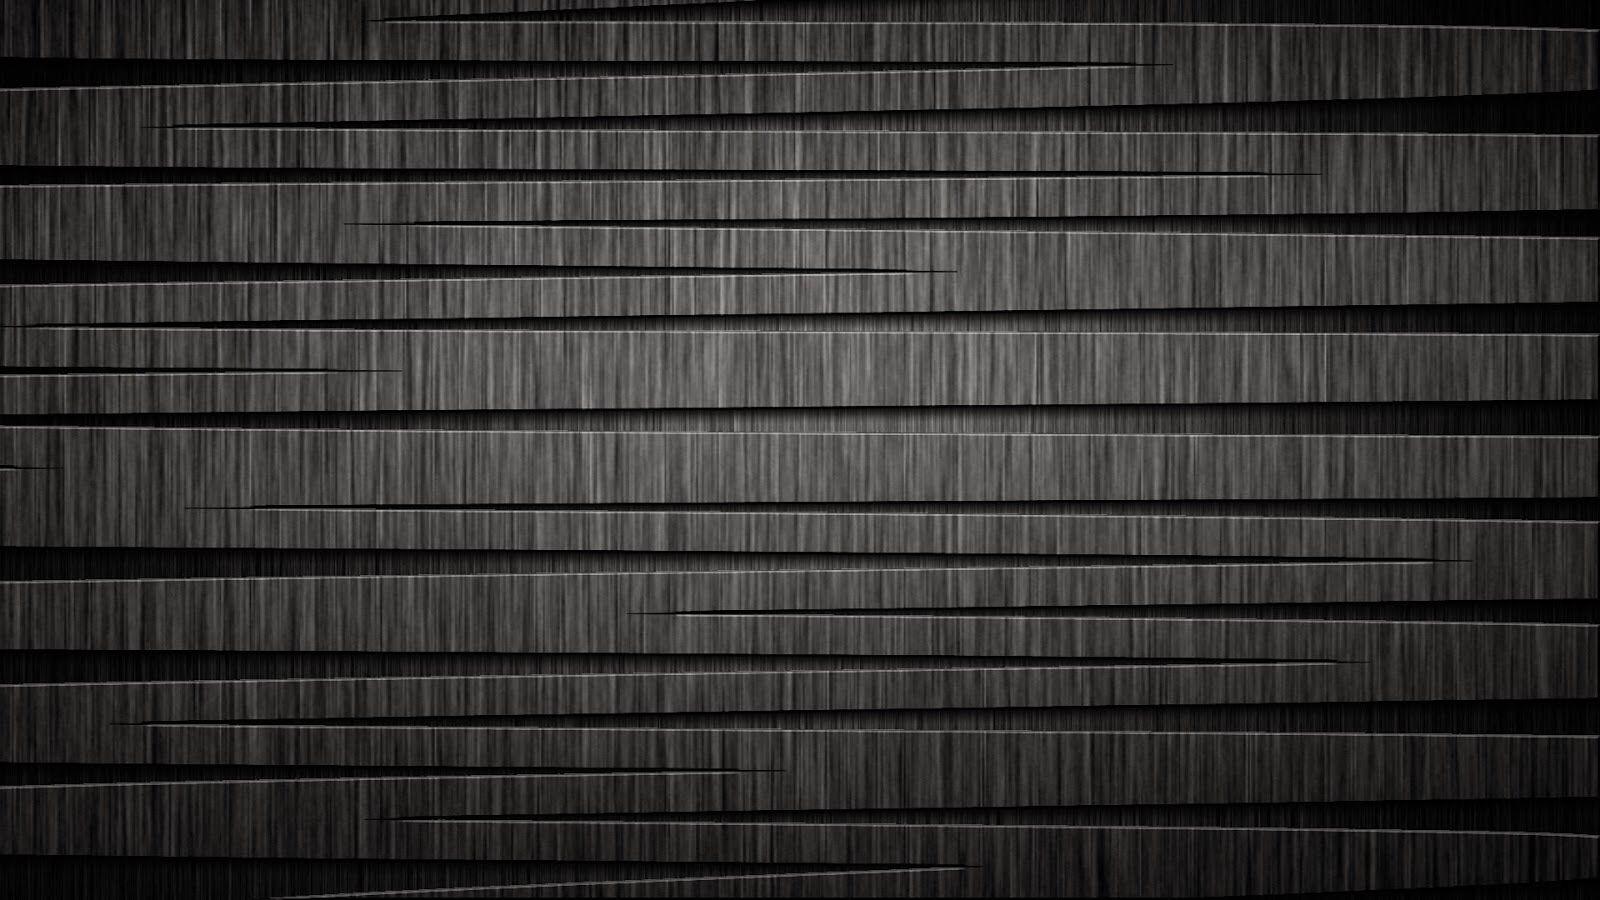 Patterns Bedroom Wallpaper Texture Black Wallpaper Gray